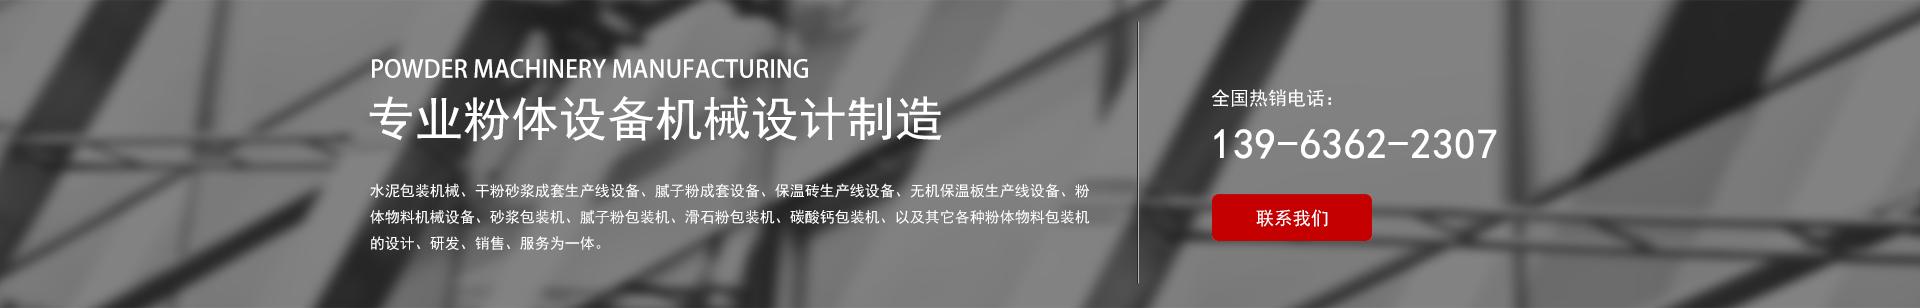 潍坊中硕机械制造有限公司介绍